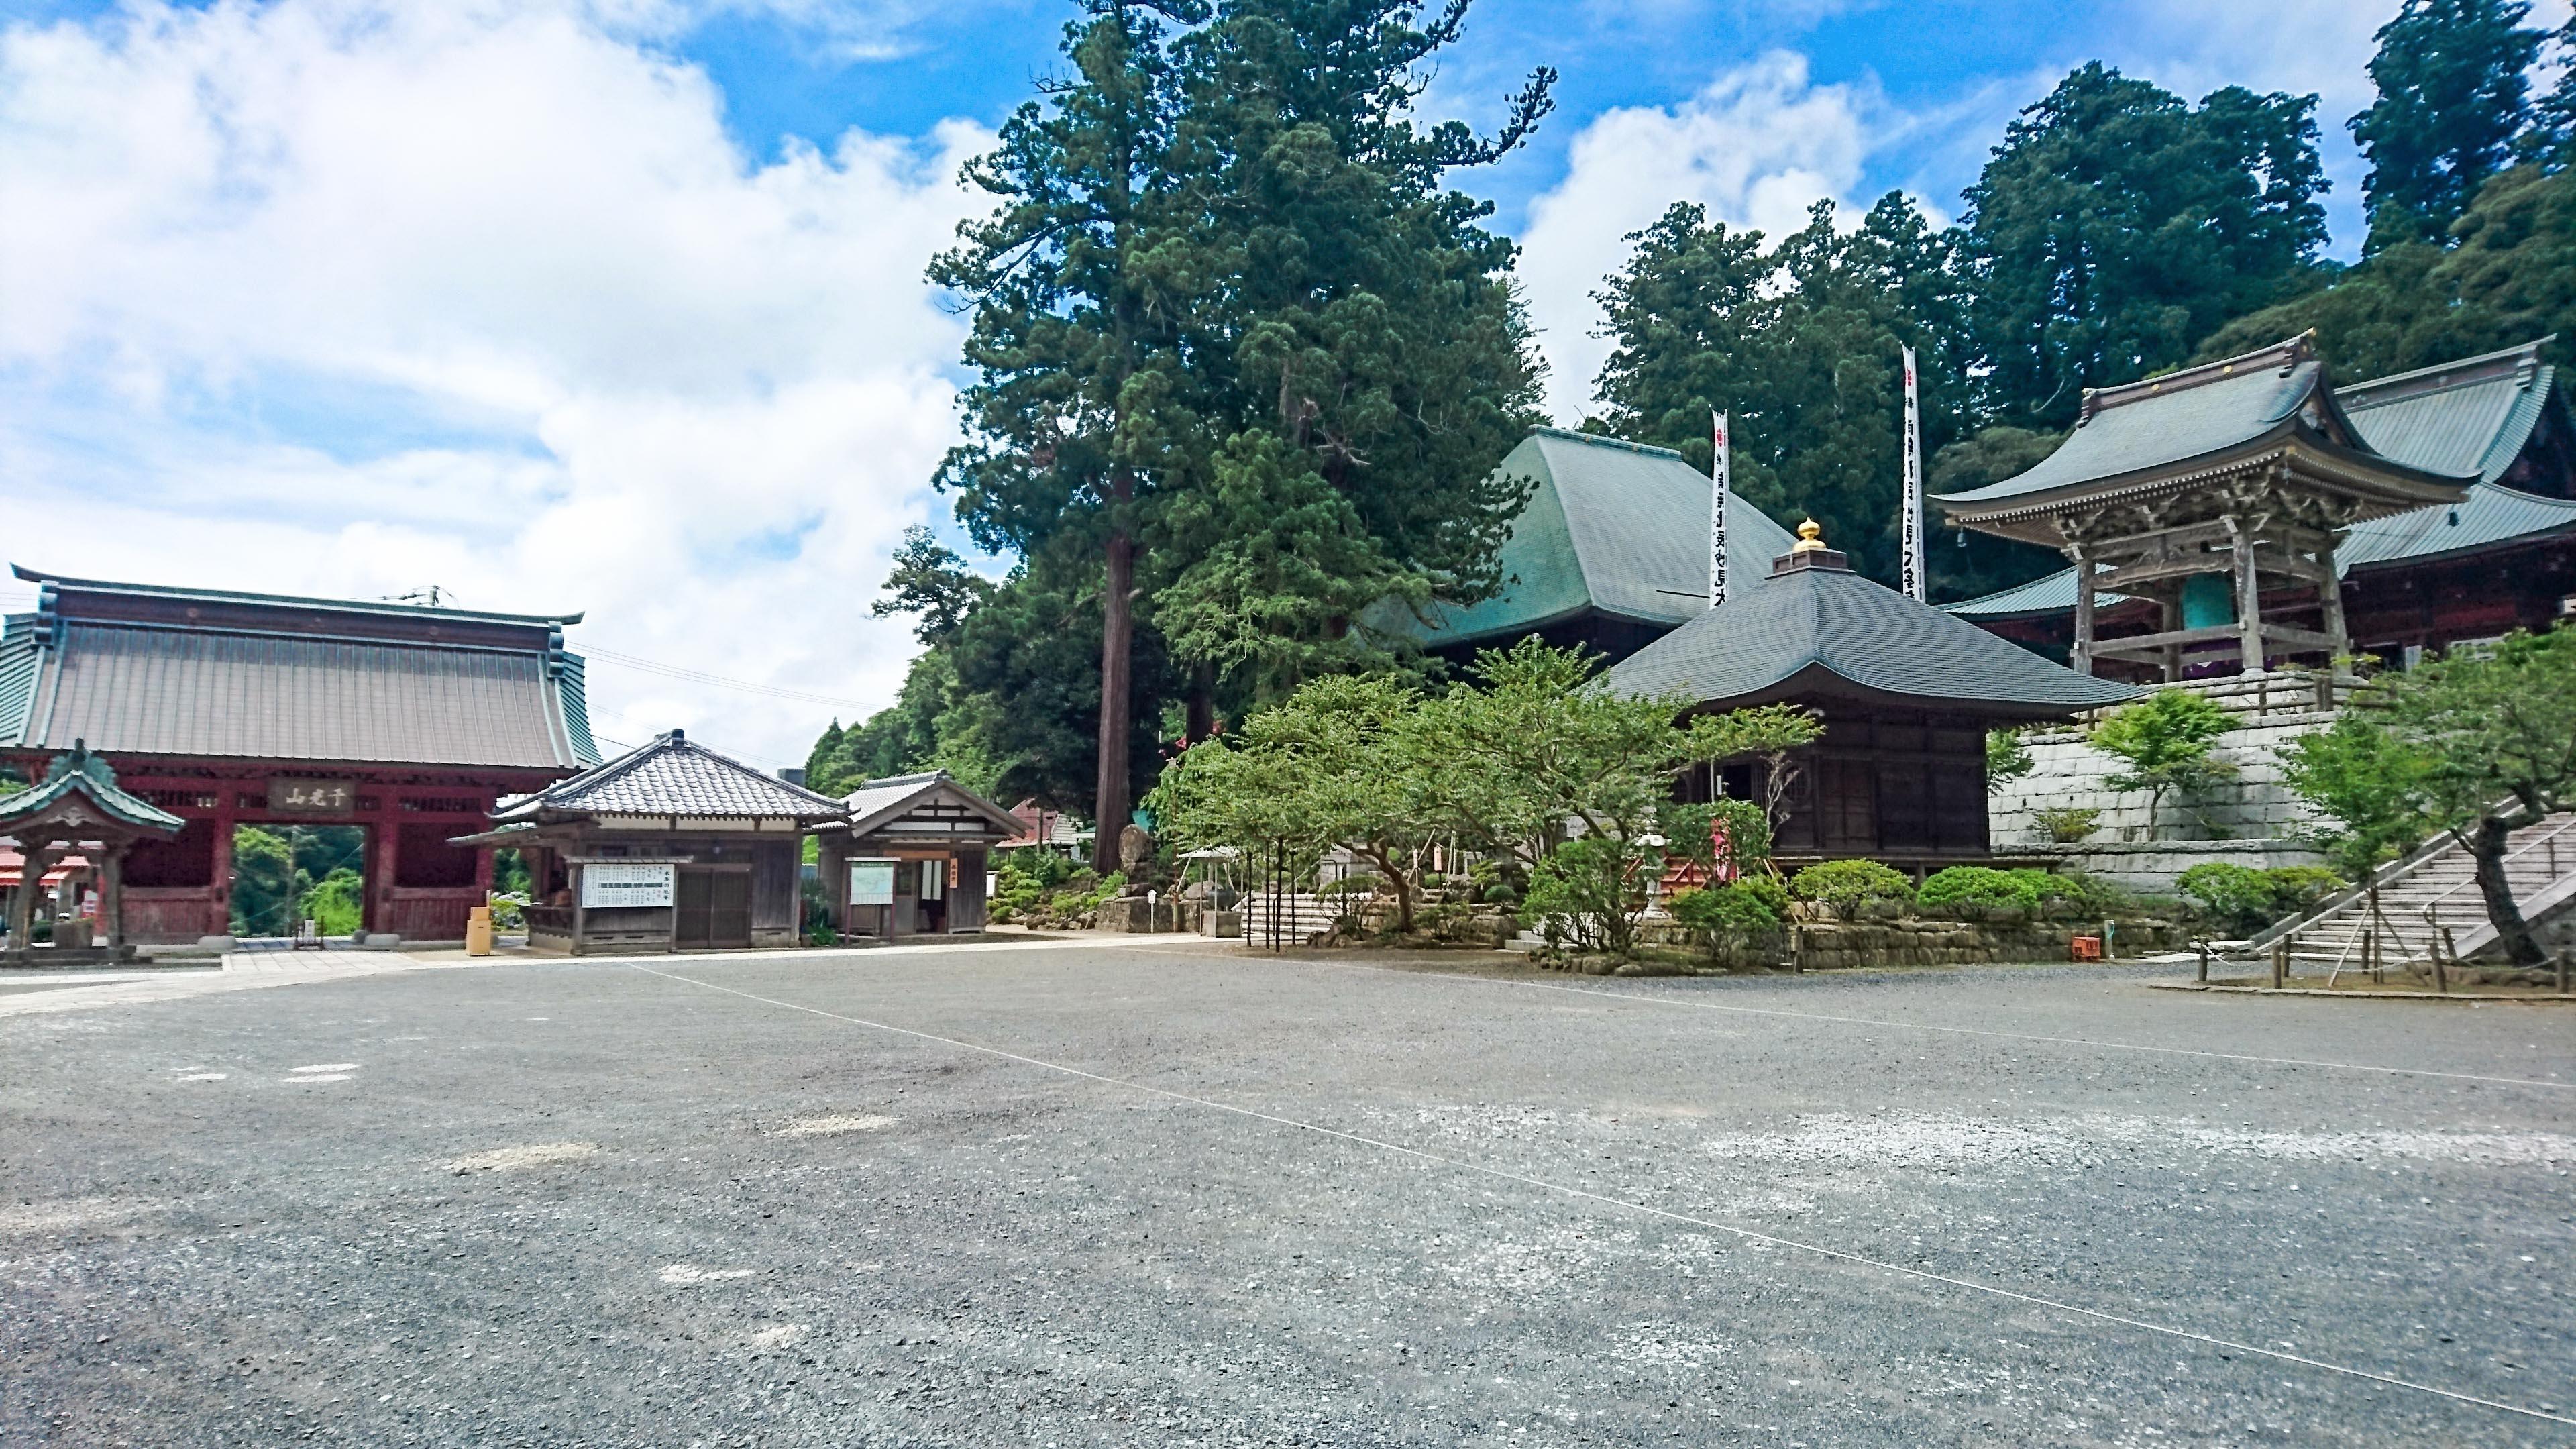 清澄寺の境内の風景